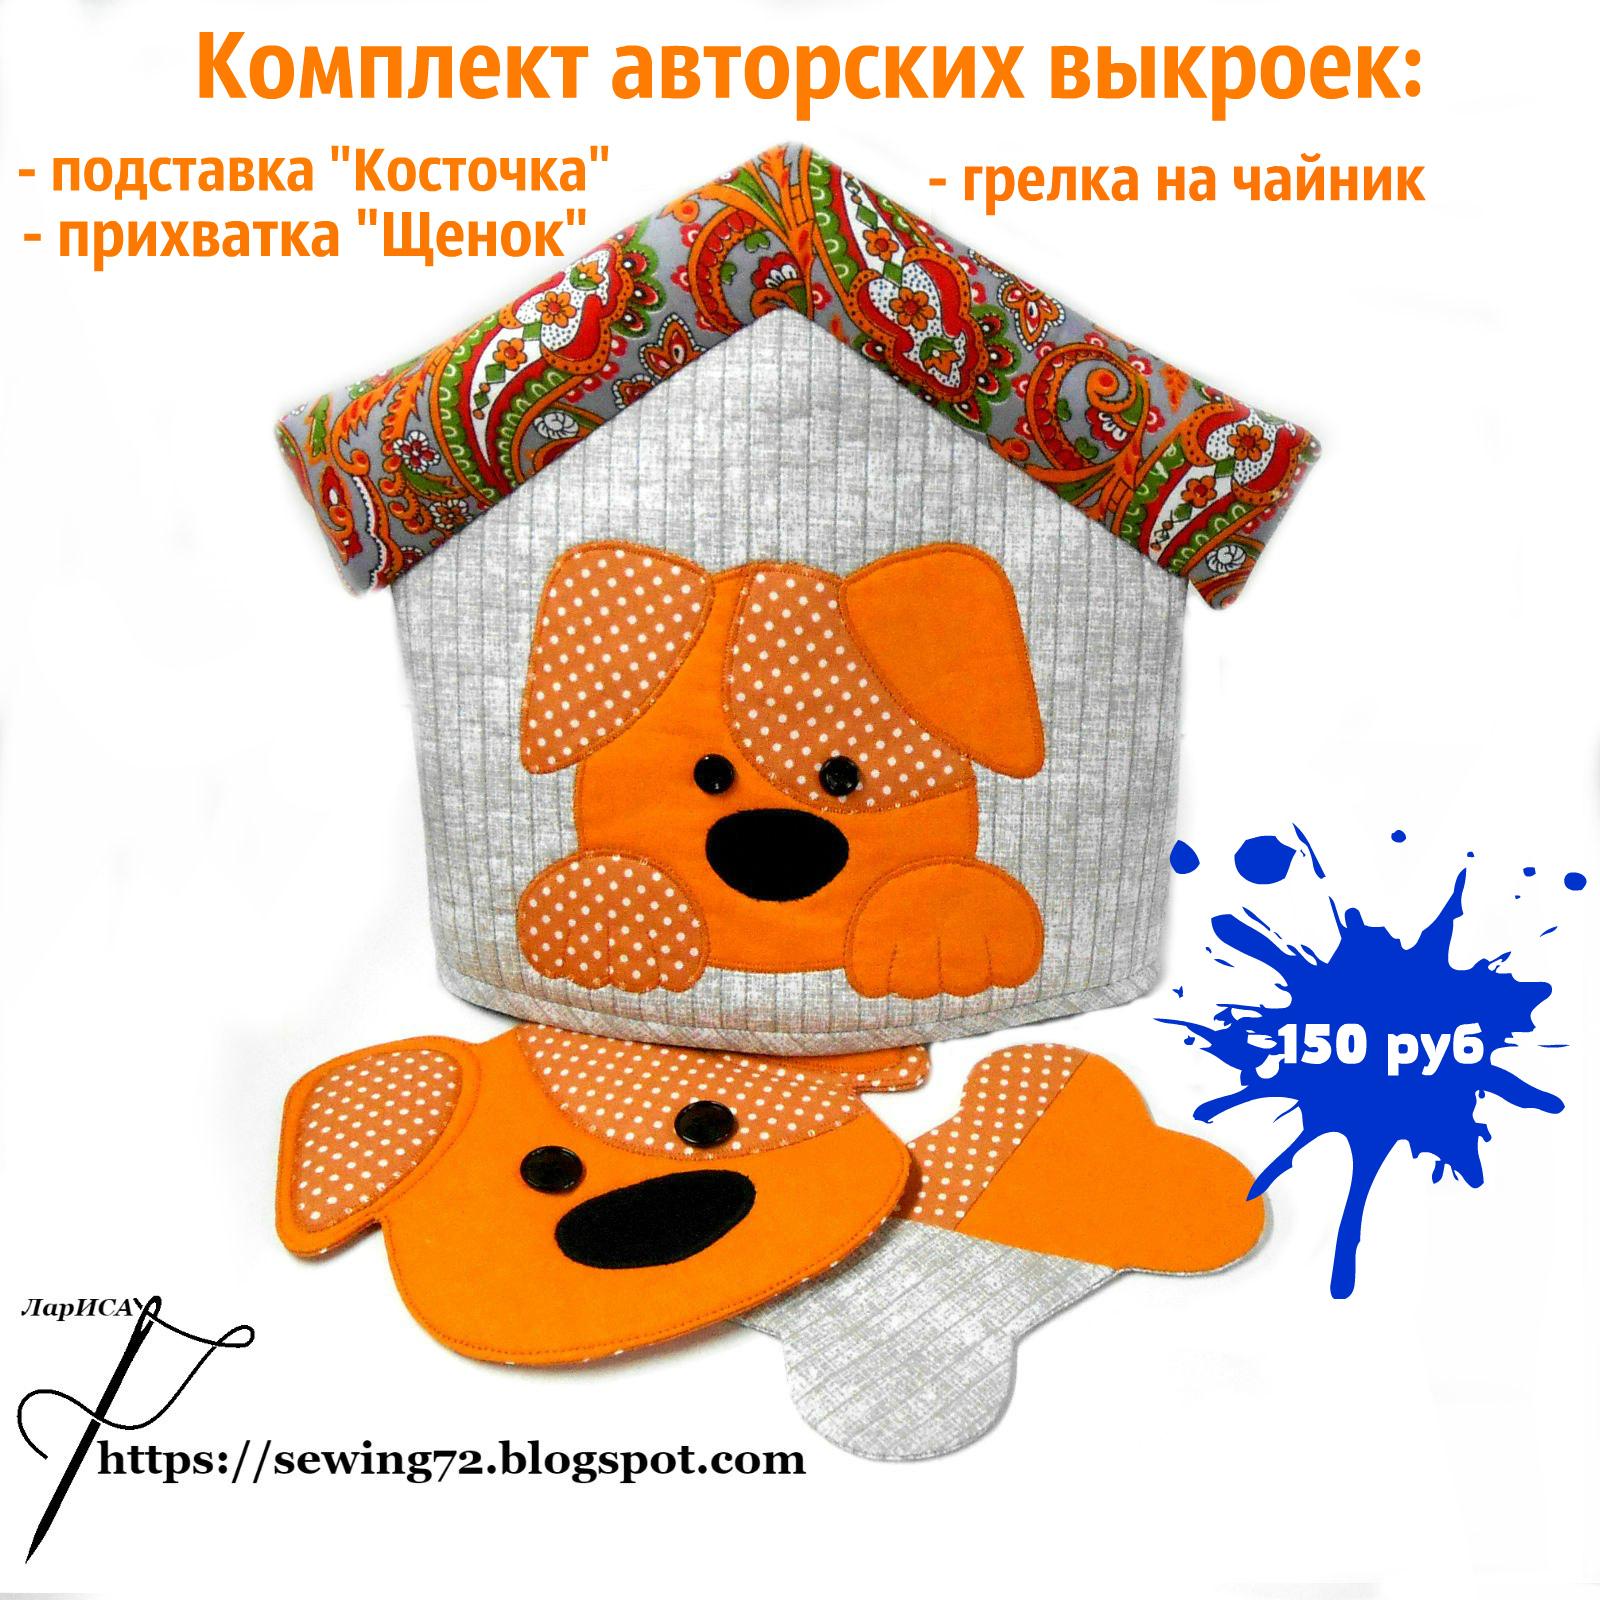 Комплект авторских выкроек за 150 рублей!